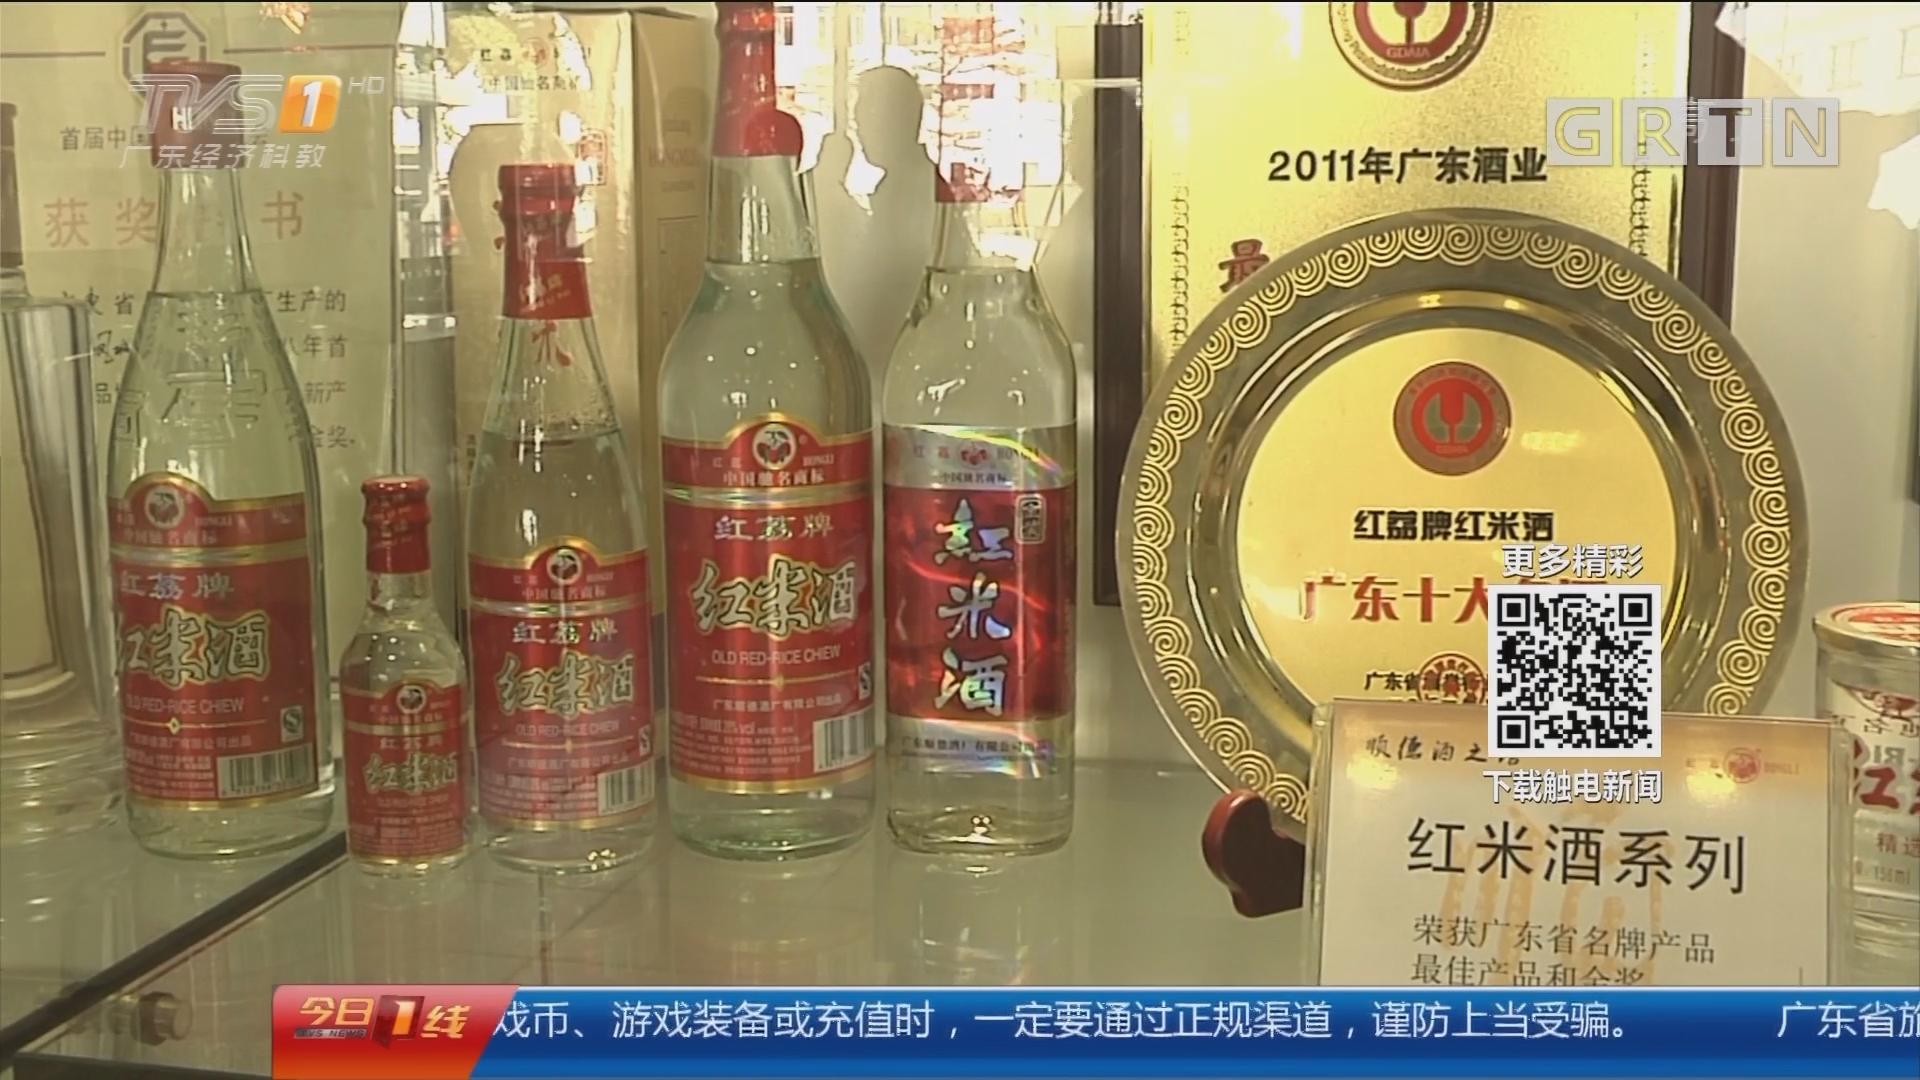 广东年货:喝顺德红米酒 结交真朋友